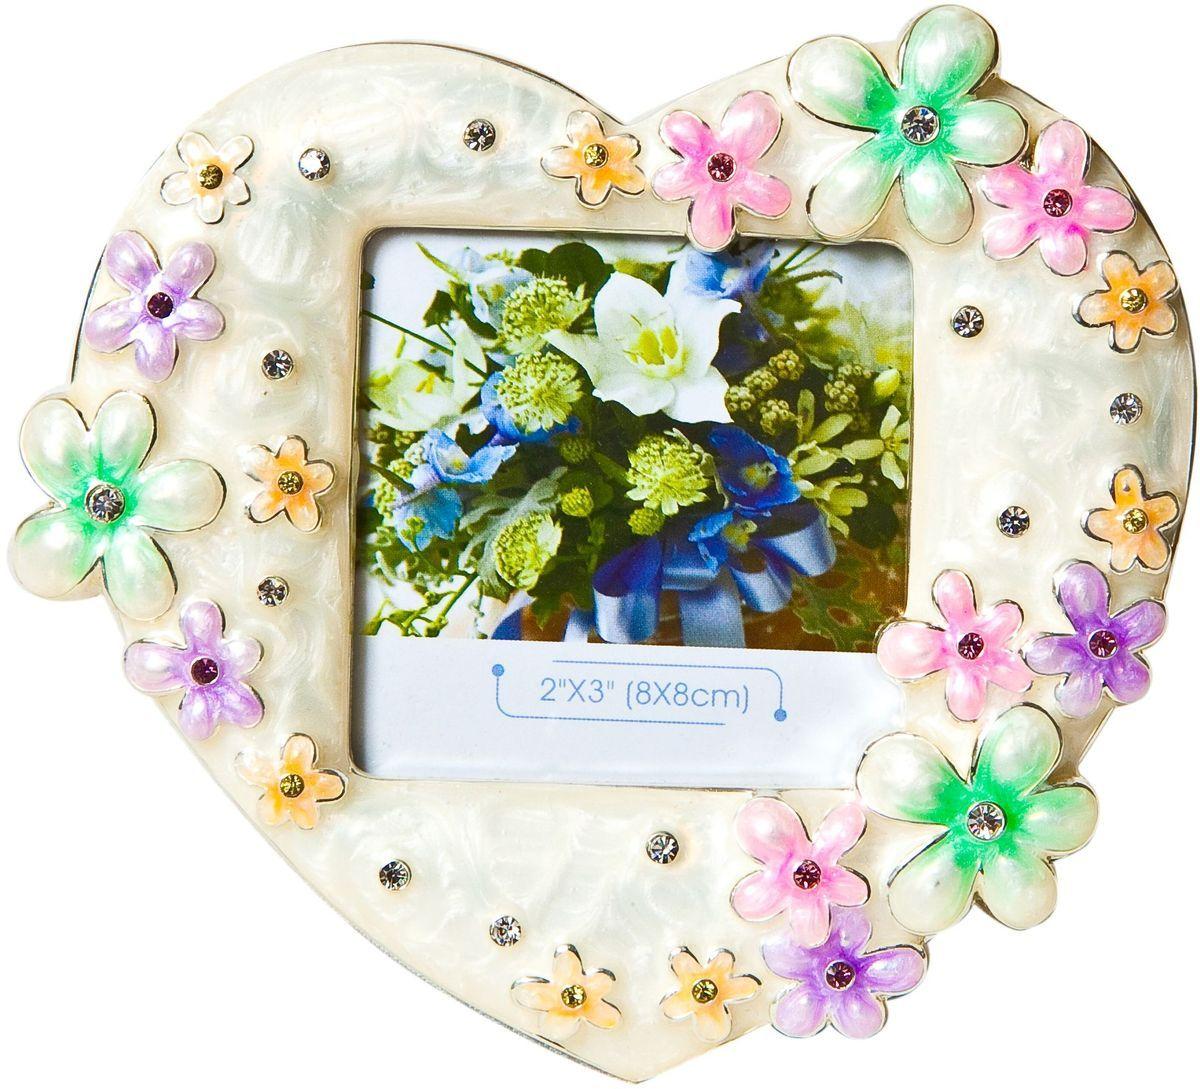 Фоторамка Platinum Цветы, цвет: розовый, 8 х 8 см. PF3274N-3Брелок для ключейДекоративная фоторамка Platinum Цветы выполнена из металла в виде сердечка с цветочками. Фоторамка украшена стразами и декоративной глазурью. Изысканная и эффектная, эта потрясающая рамочка покорит своей красотой и изумительным качеством исполнения. Фоторамка подходит для фотографий 8 х 8 см.Общий размер фоторамки: 13,5 х 2 х 12,5 см.